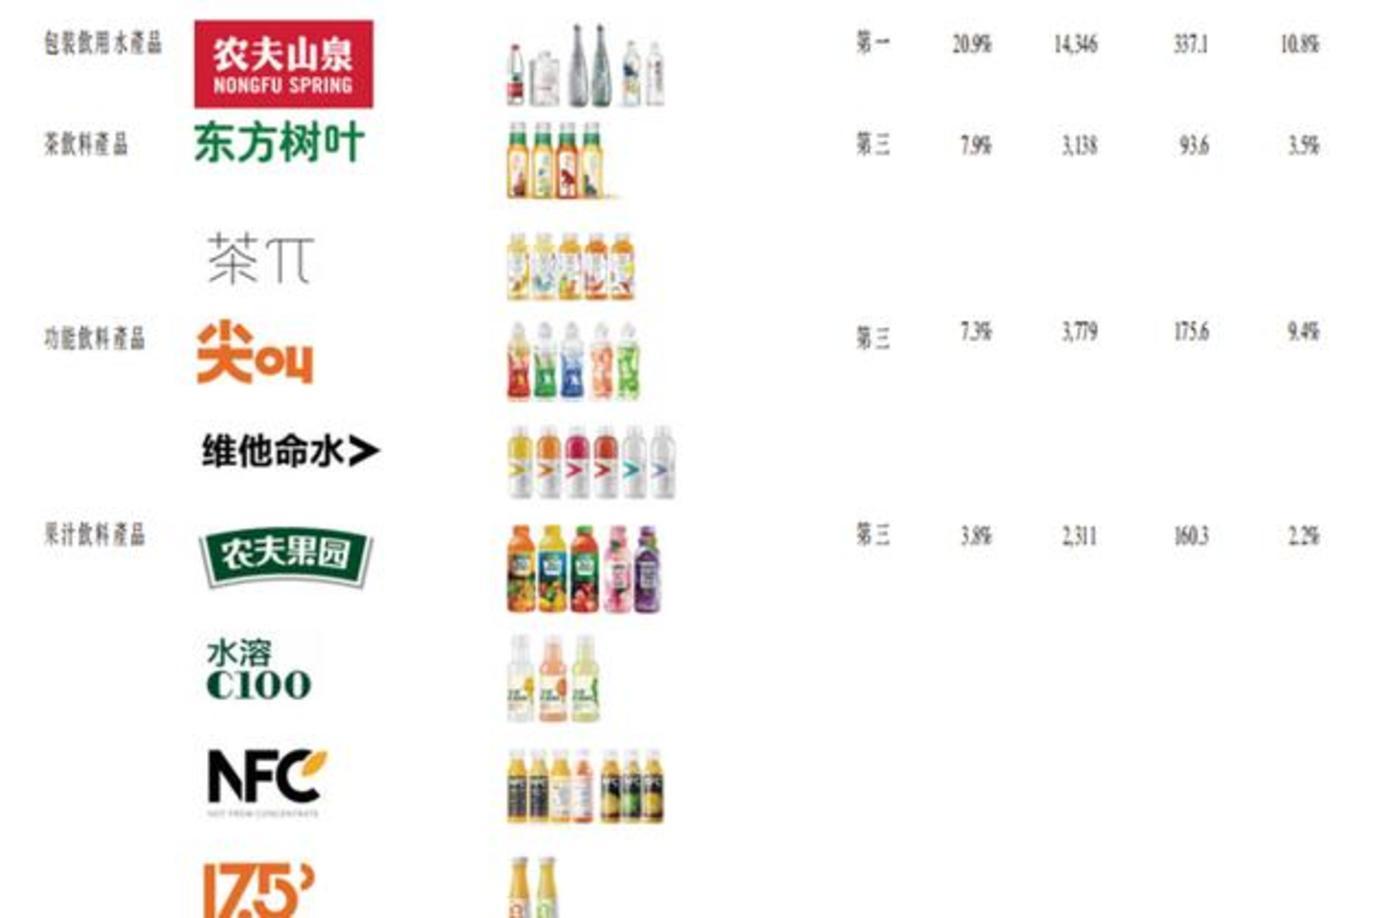 农夫山泉产品矩阵(来自招股书)